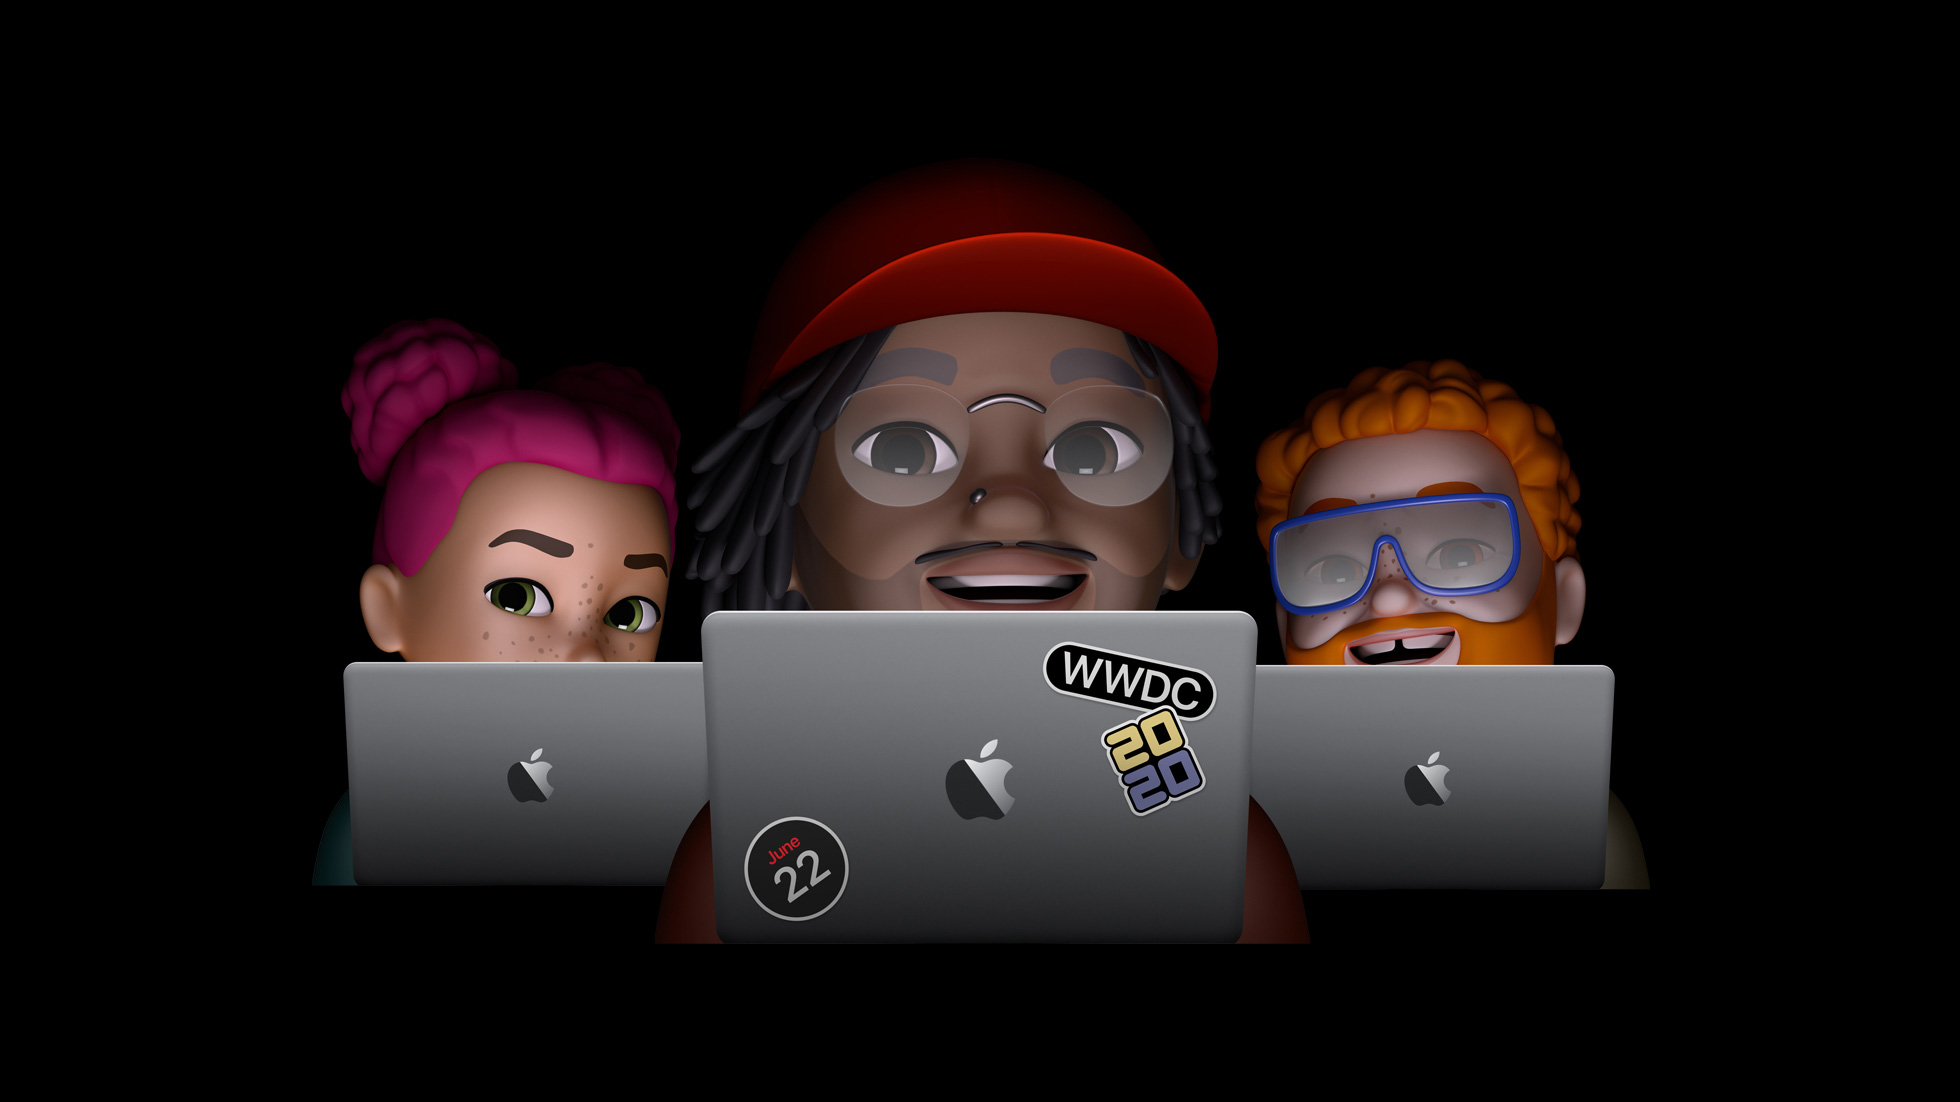 Virtuális WWDC érkezik június 22-én